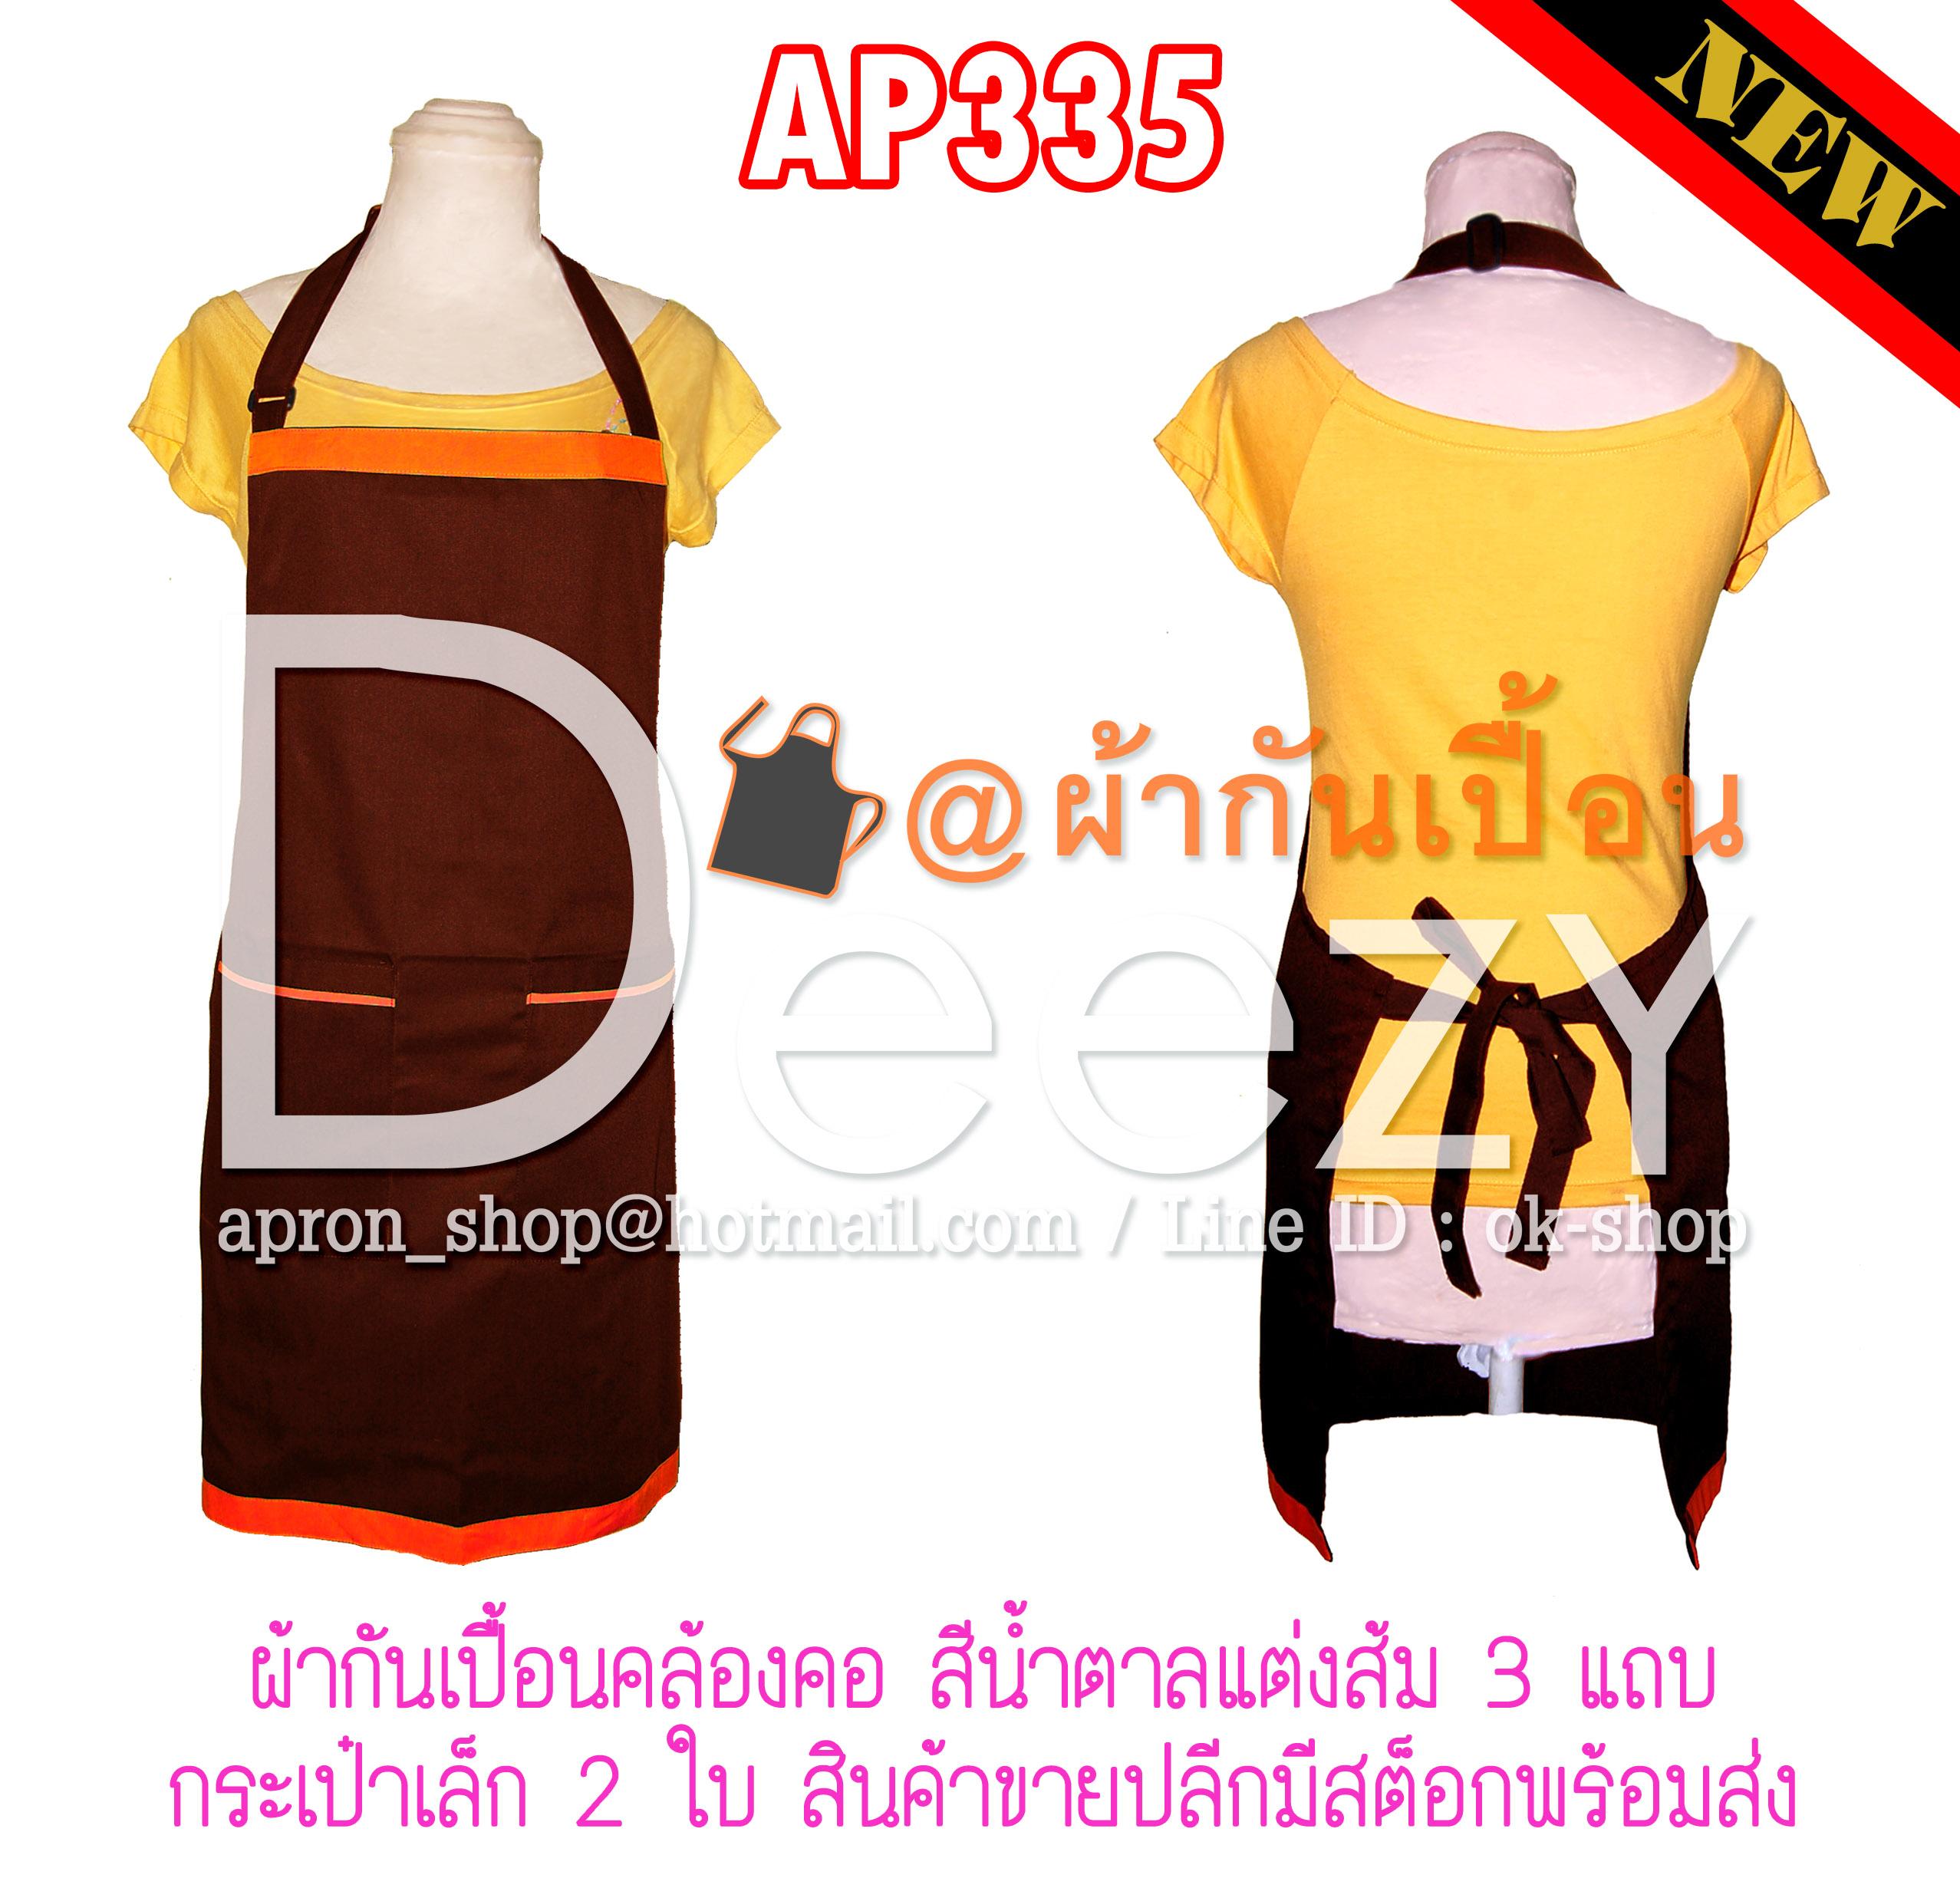 ผ้ากันเปื้อนเต็มตัว แบบคล้องคอ สีน้ำตาล แต่งส้ม 2กระเป๋า